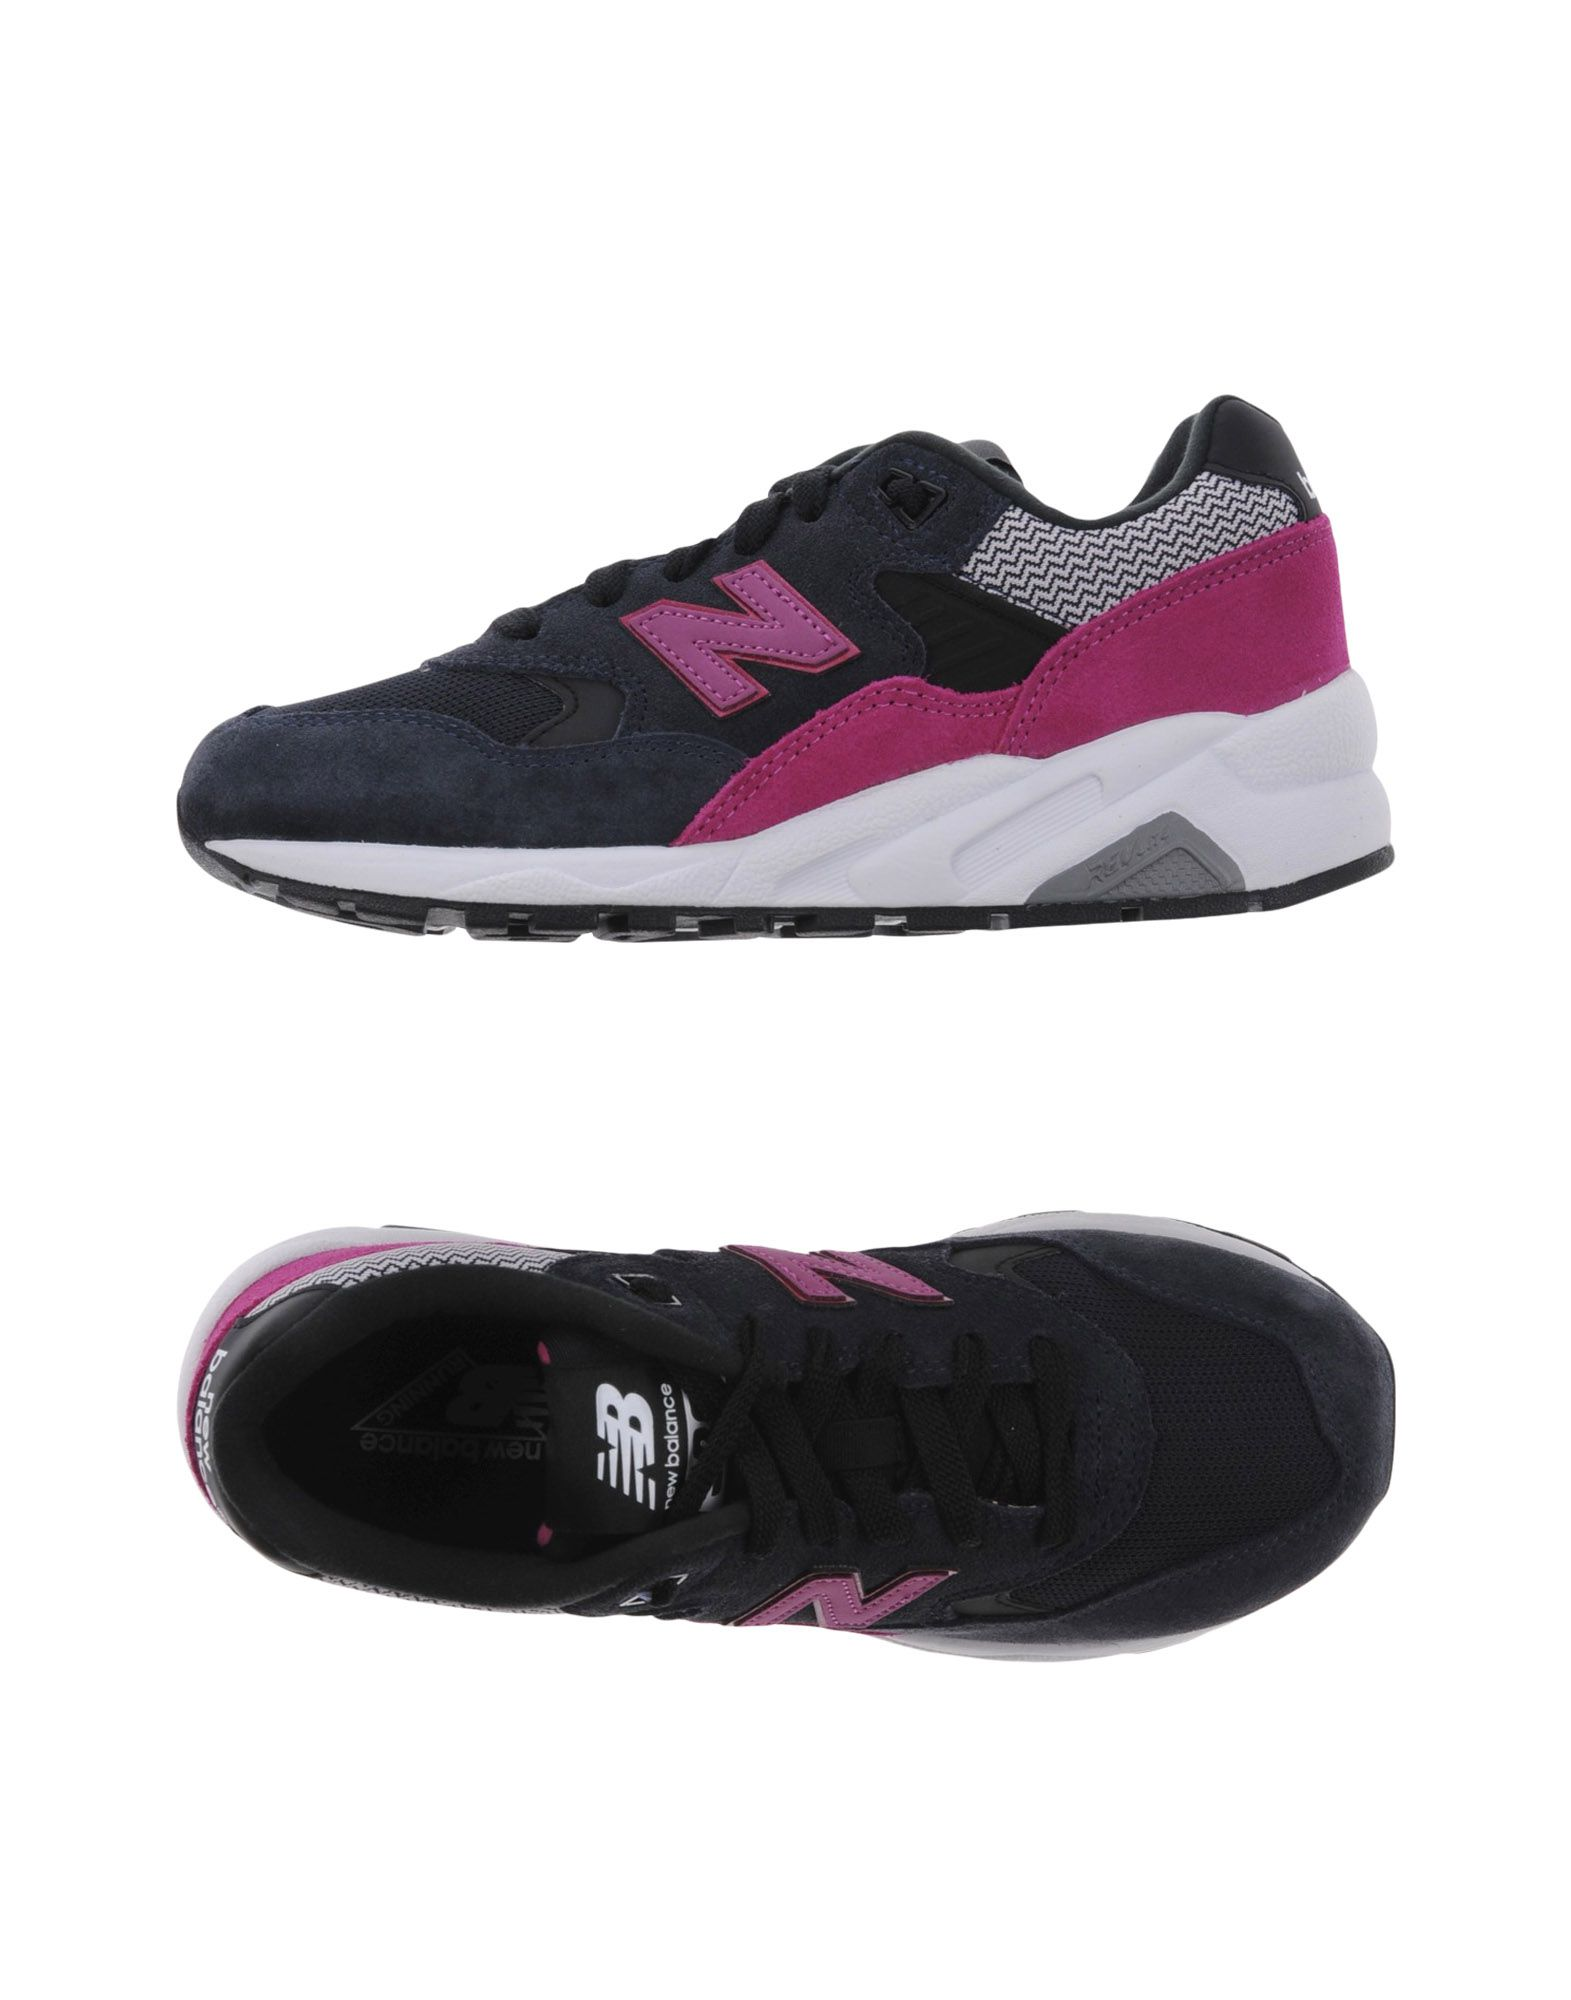 New Balance Qualität Sneakers Damen  11286908FE Gute Qualität Balance beliebte Schuhe 9bf1fe